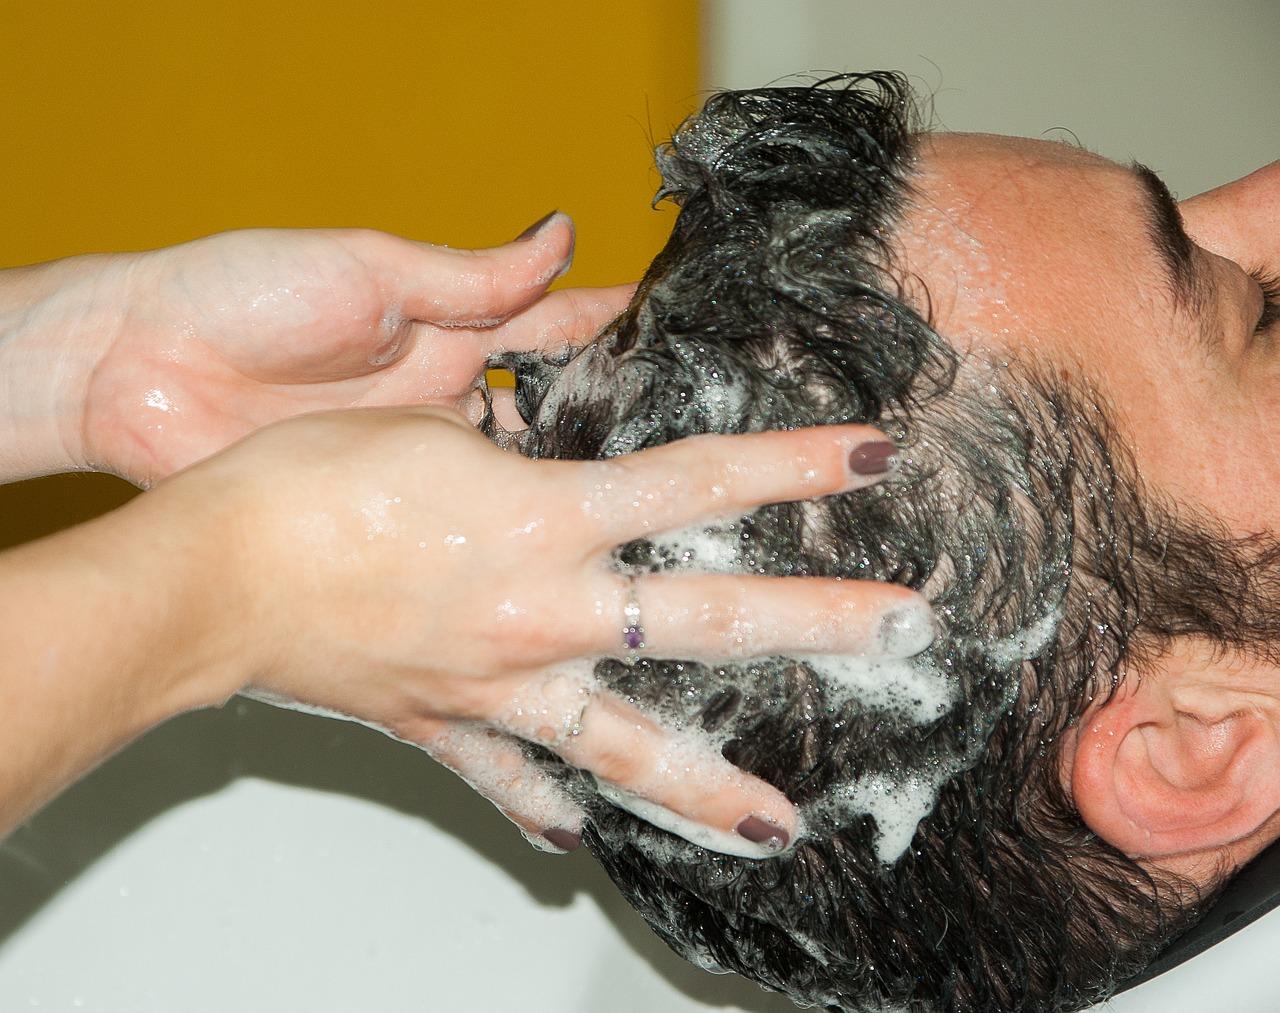 duzzanat jelent meg a bőrön, mint a vörös foltok hogyan kell kezelni a pikkelysömör népi gyógymódokat